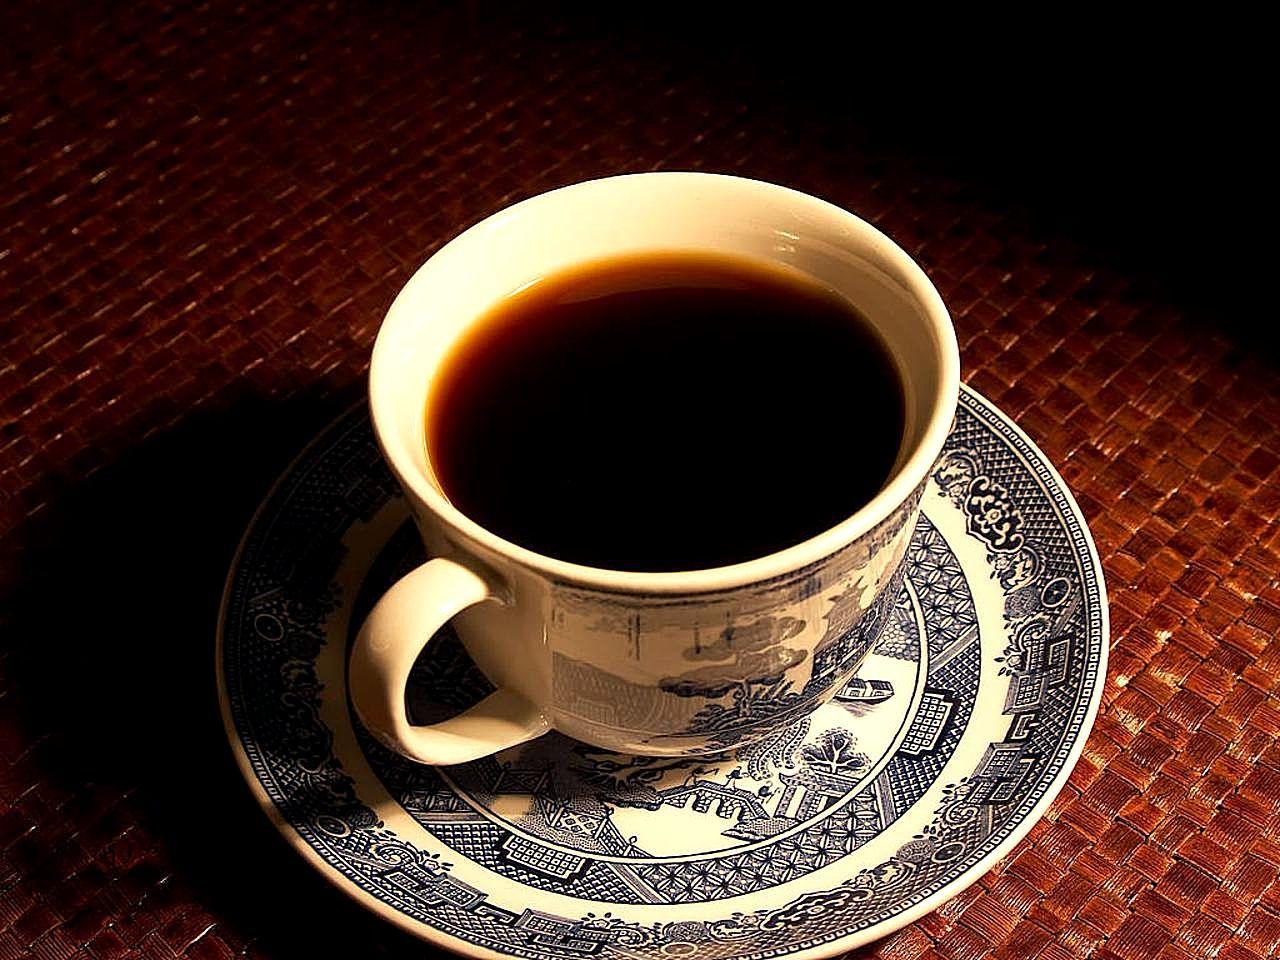 妊婦はカフェインを摂るべきではない?:科学ニュースの森